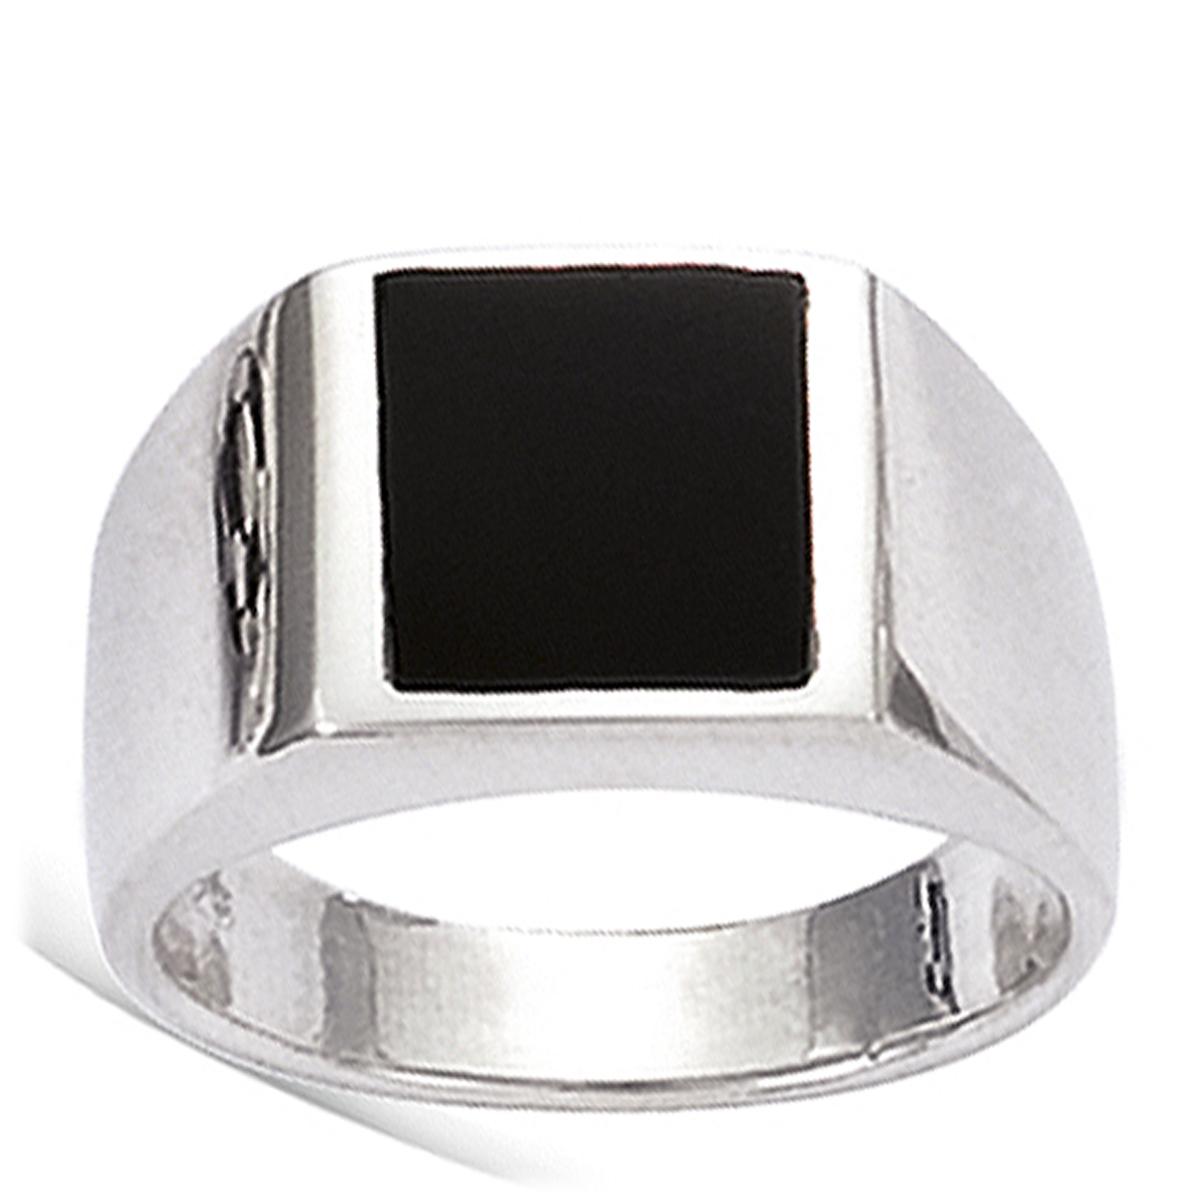 Bague Homme Argent \'King\' Noir argenté (rhodié) - 10x10 mm - [G5606]